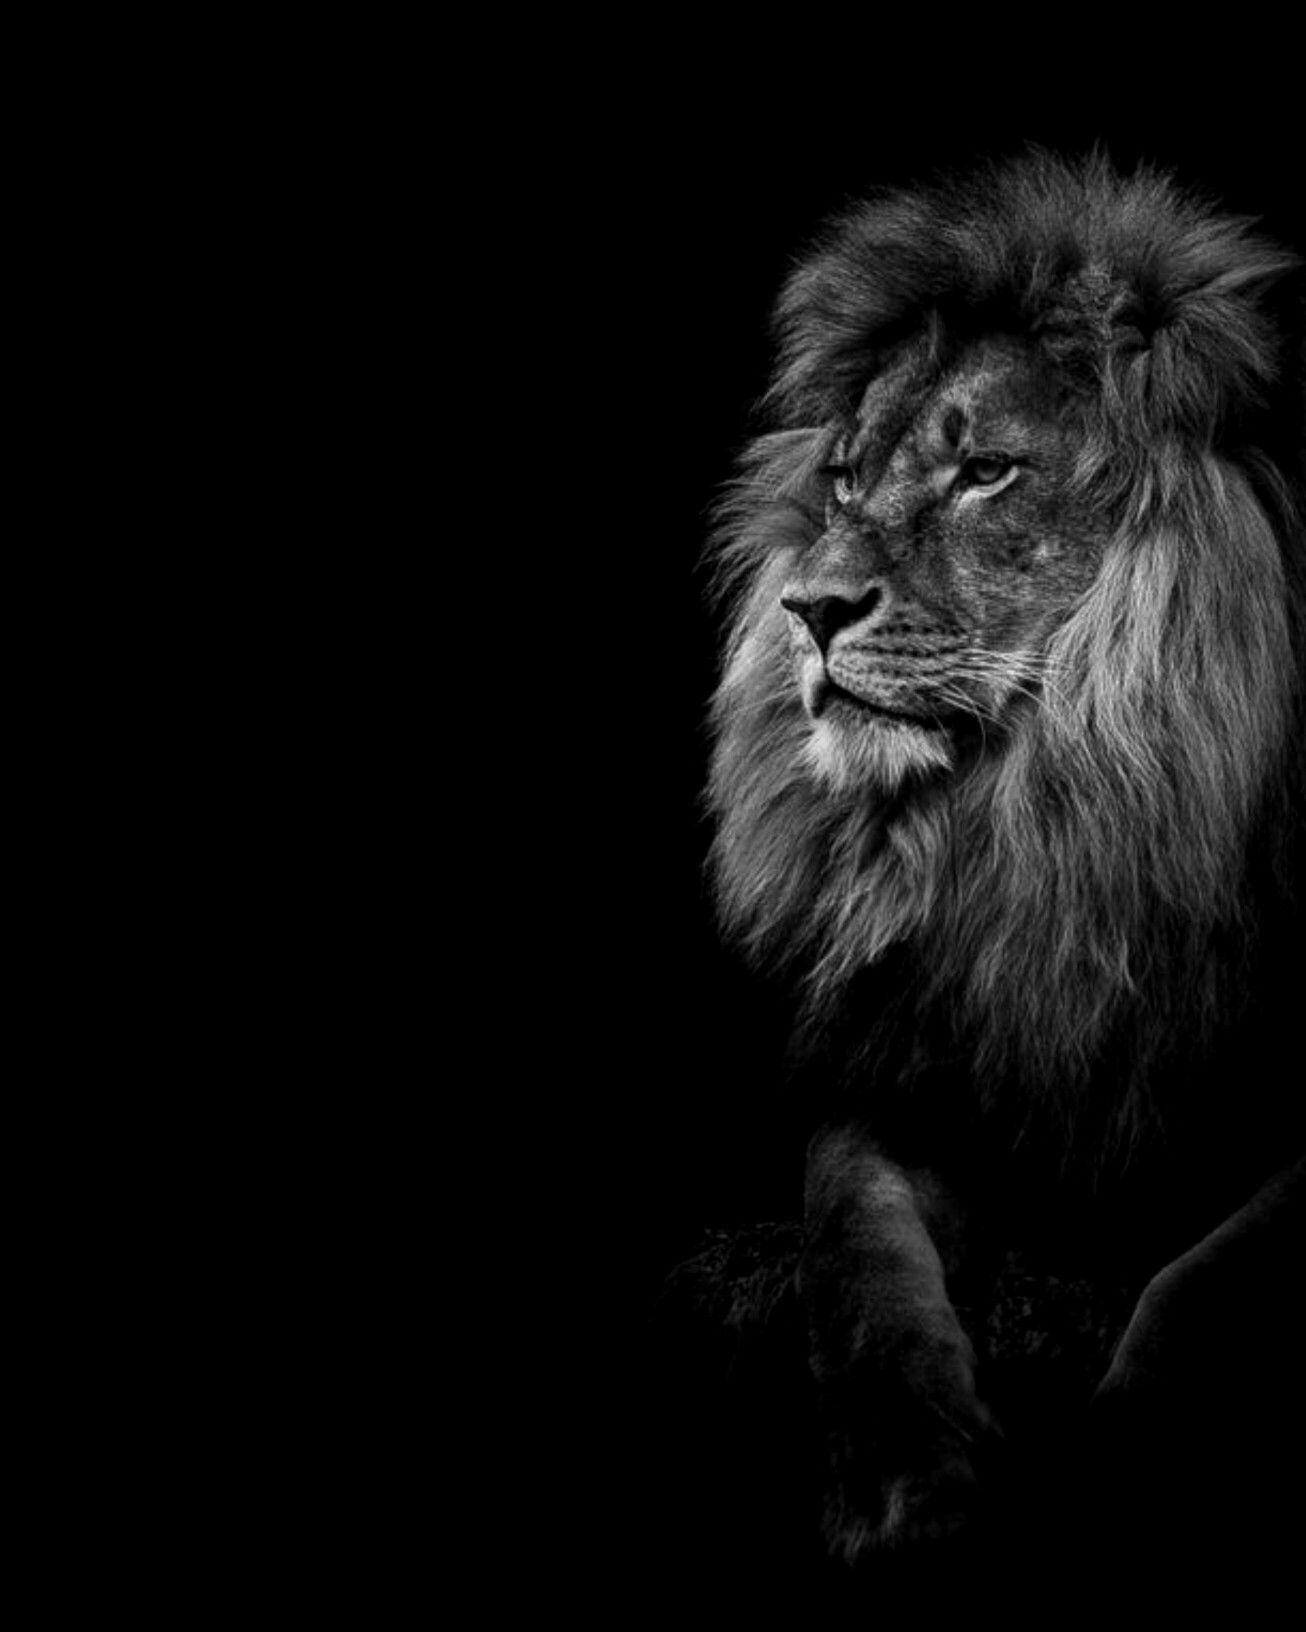 Lion Dark Wallpaper Wild Animal Wallpaper Dark Black Wallpaper Wild Lion